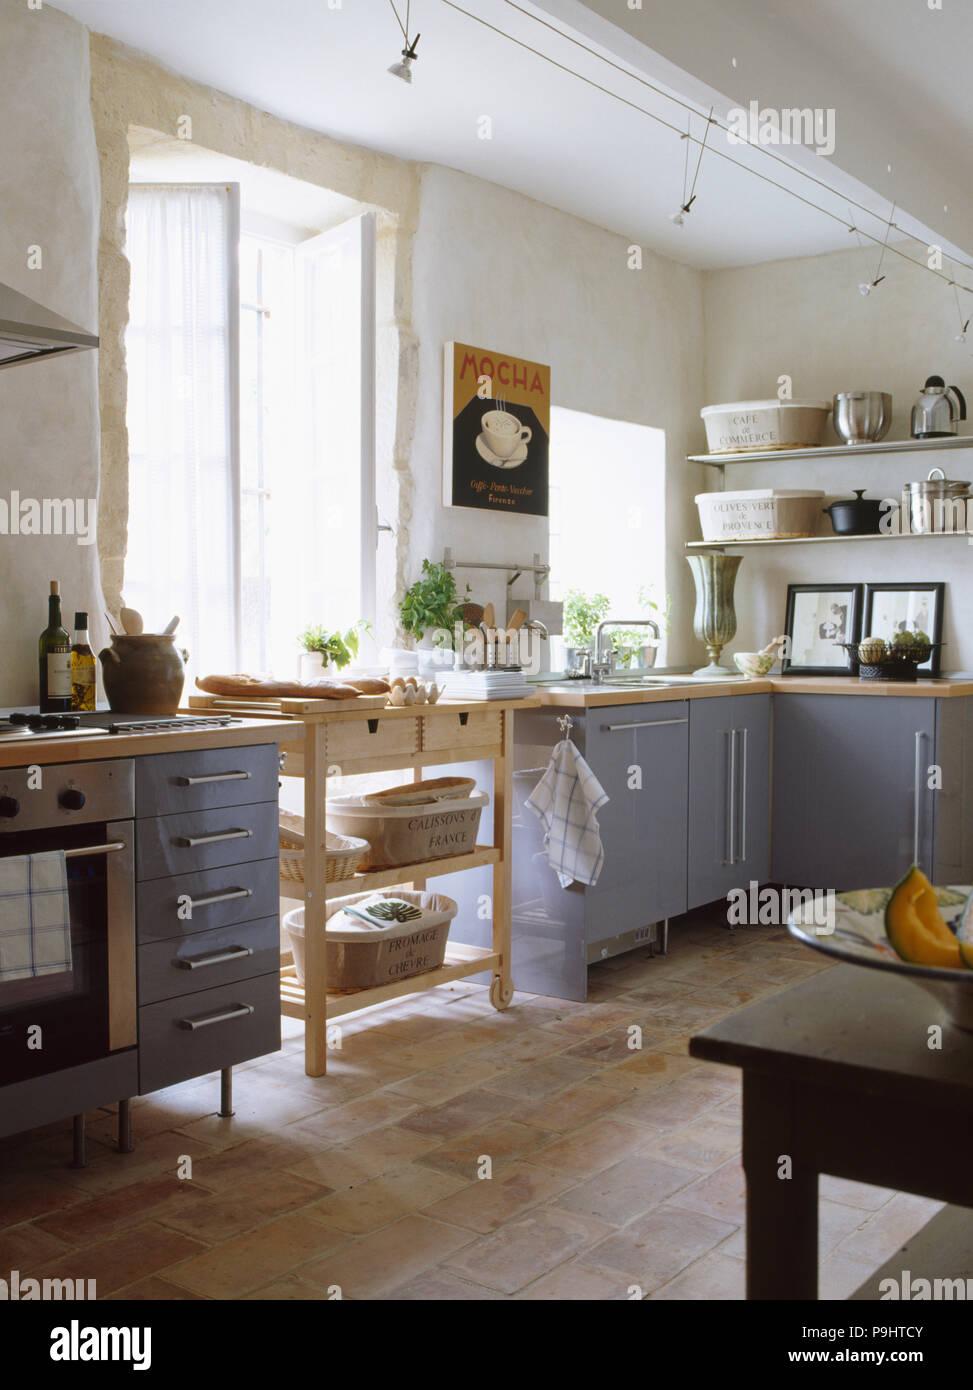 https www alamyimages fr carrelage en terre cuite blanche moderne de la cuisine provencale avec unites equipe gris bleu image212448683 html